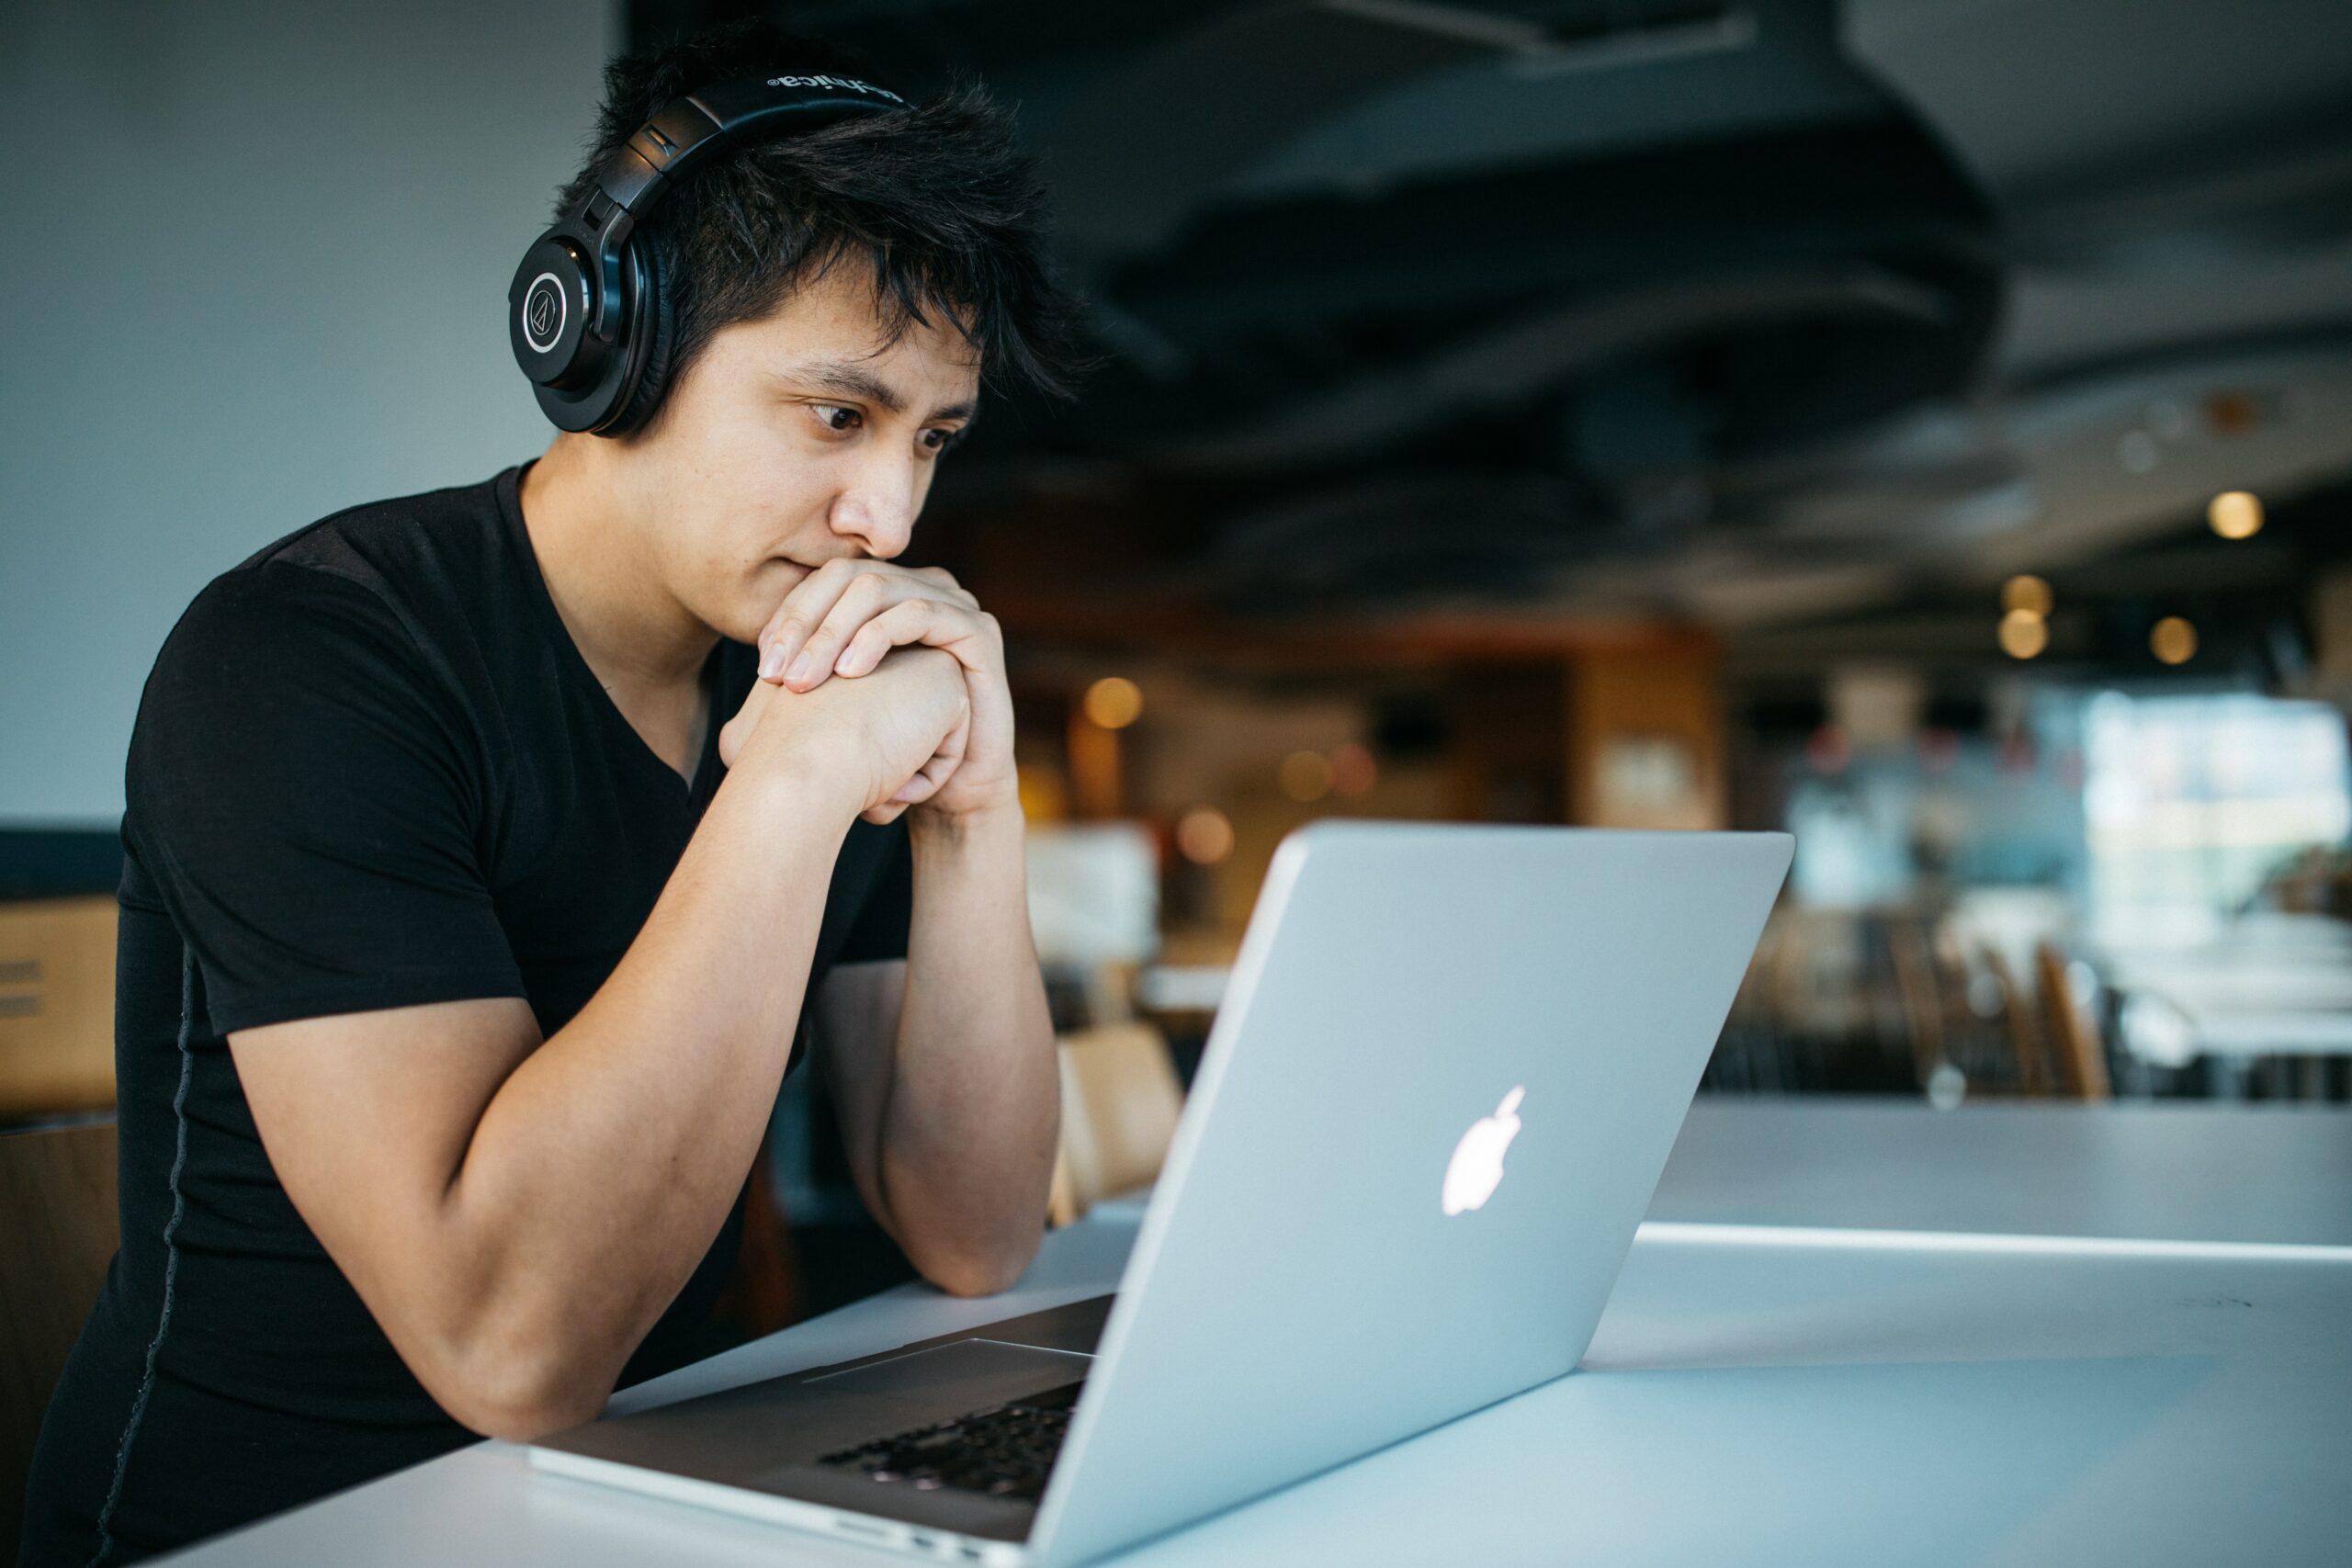 Man at computer.